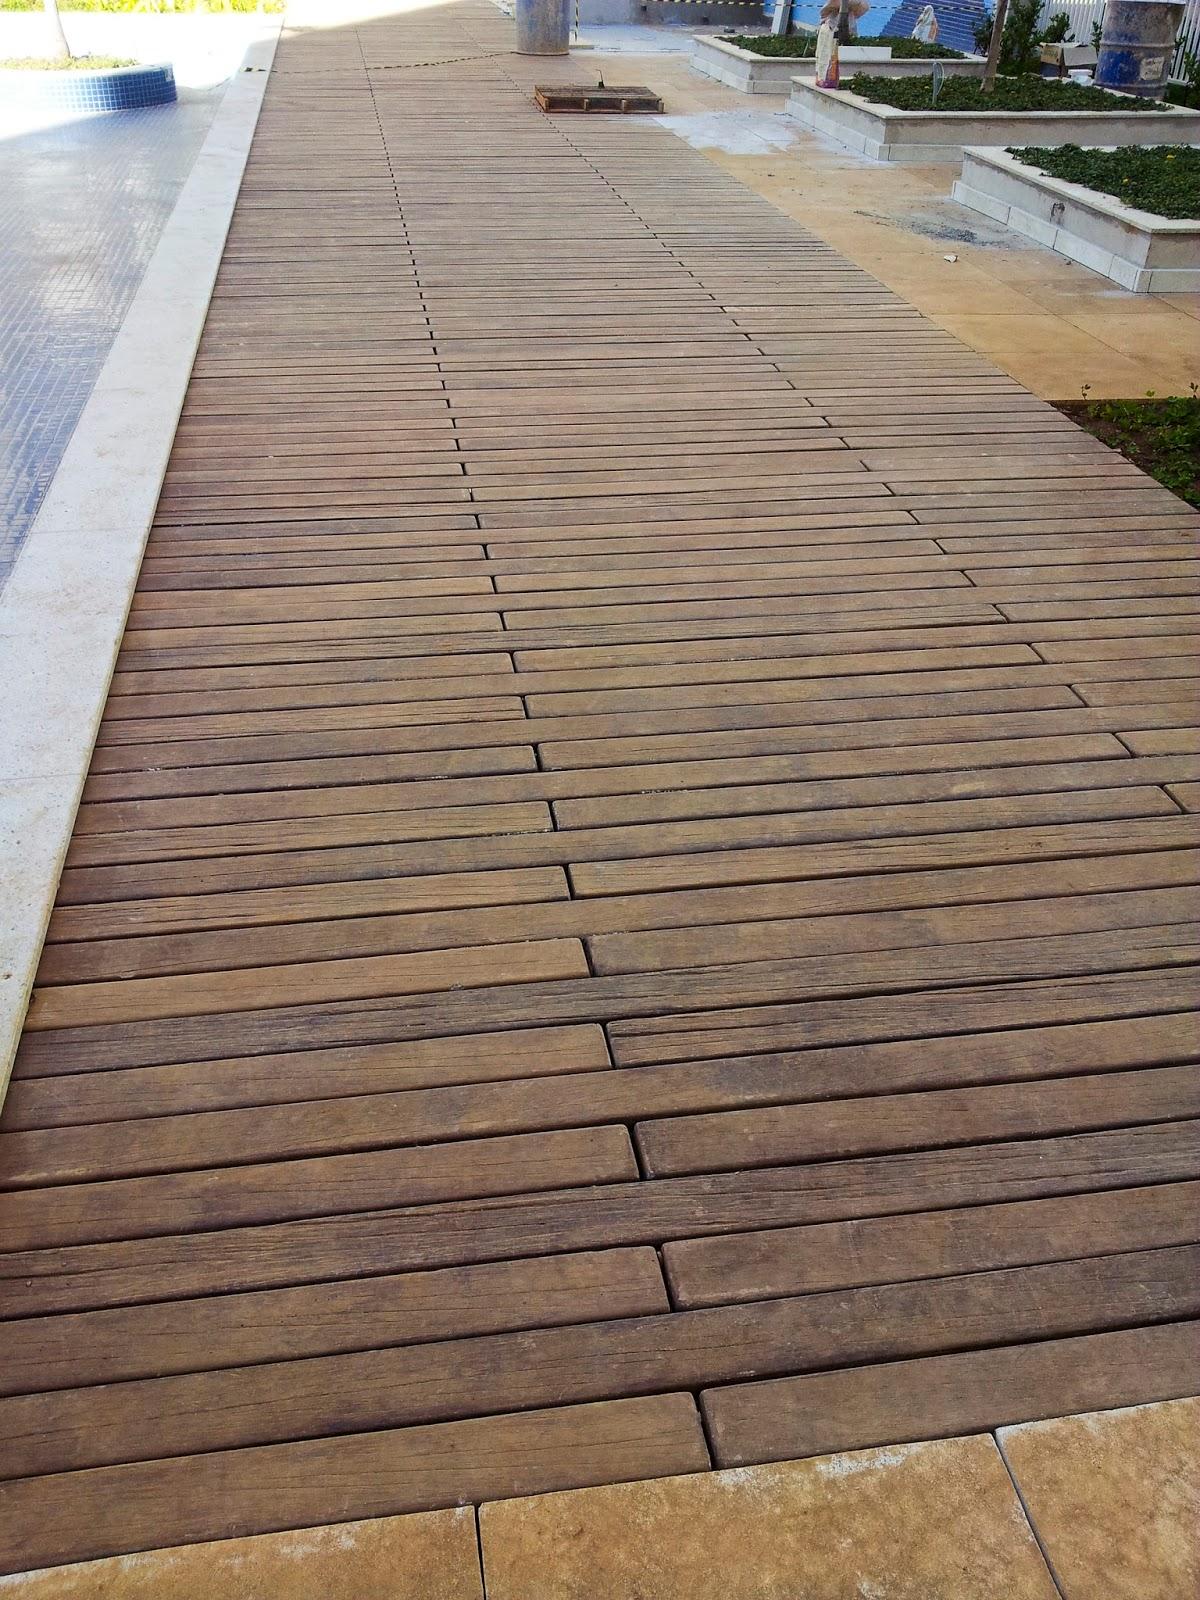 Pisos ciment cios e marmorizados pisos externos temos for Pisos ceramicos externos